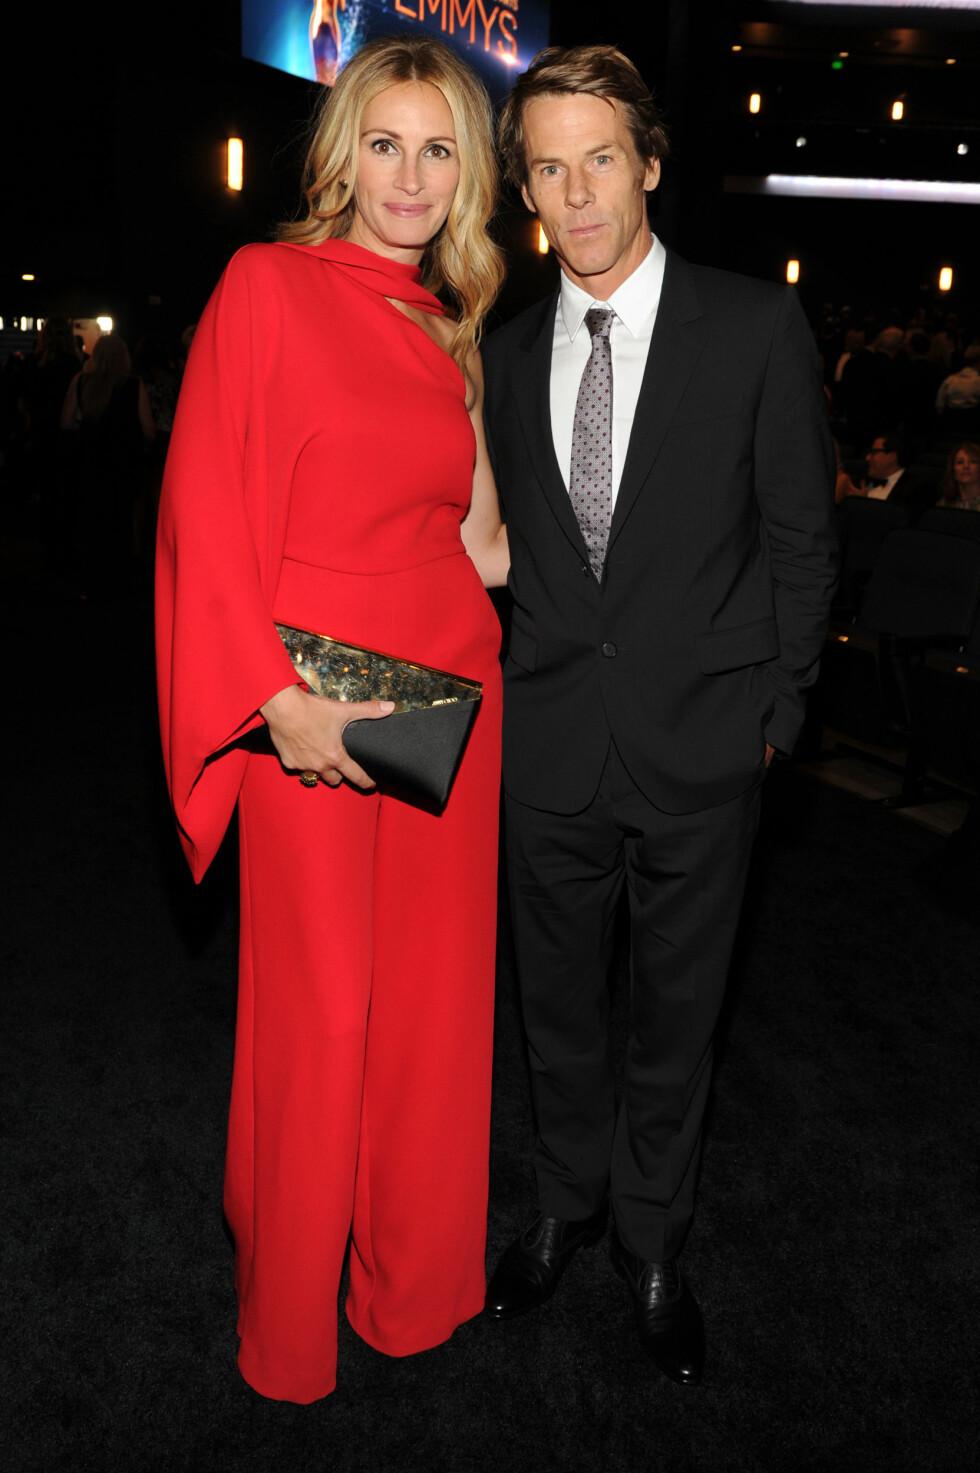 PAR I HJERTER: Julia Roberts og Danny Moder. Foto: NTB Scanpix